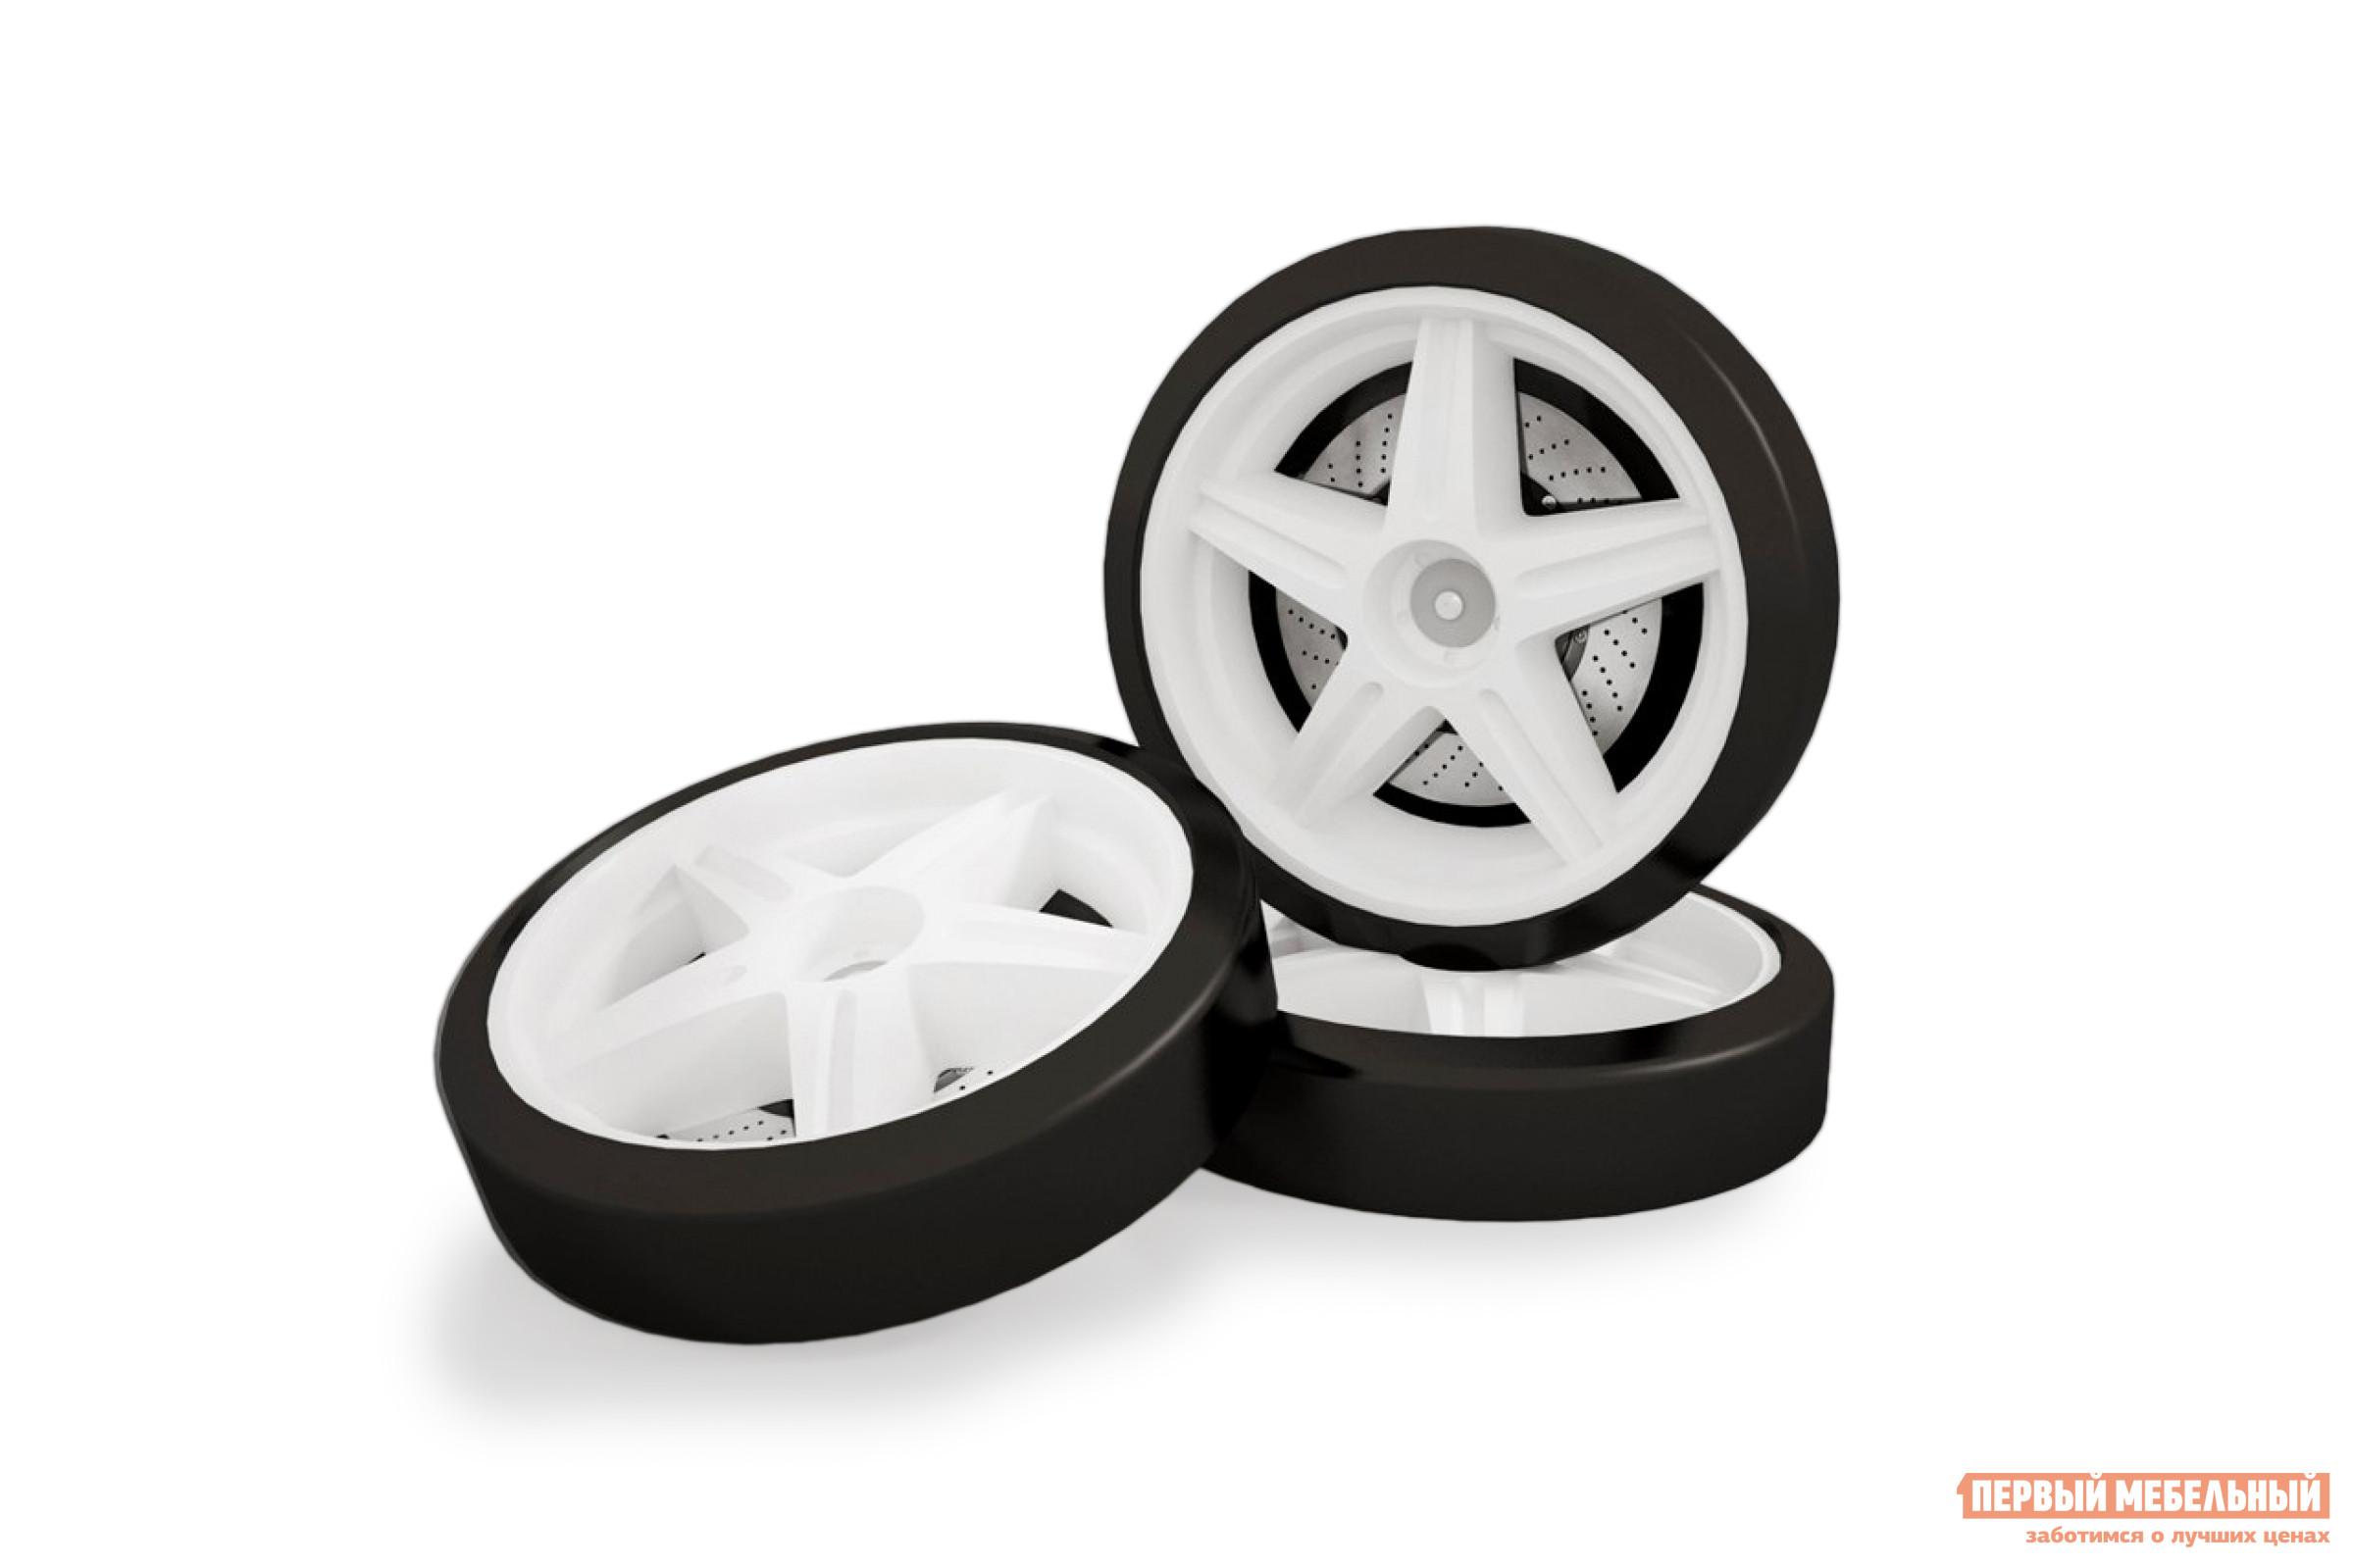 Накладные колеса Bed-mobile Накладные колеса с дисками для Ауди А4/ Мустанг/Камаро, 2 шт ресница накладные m a c цены